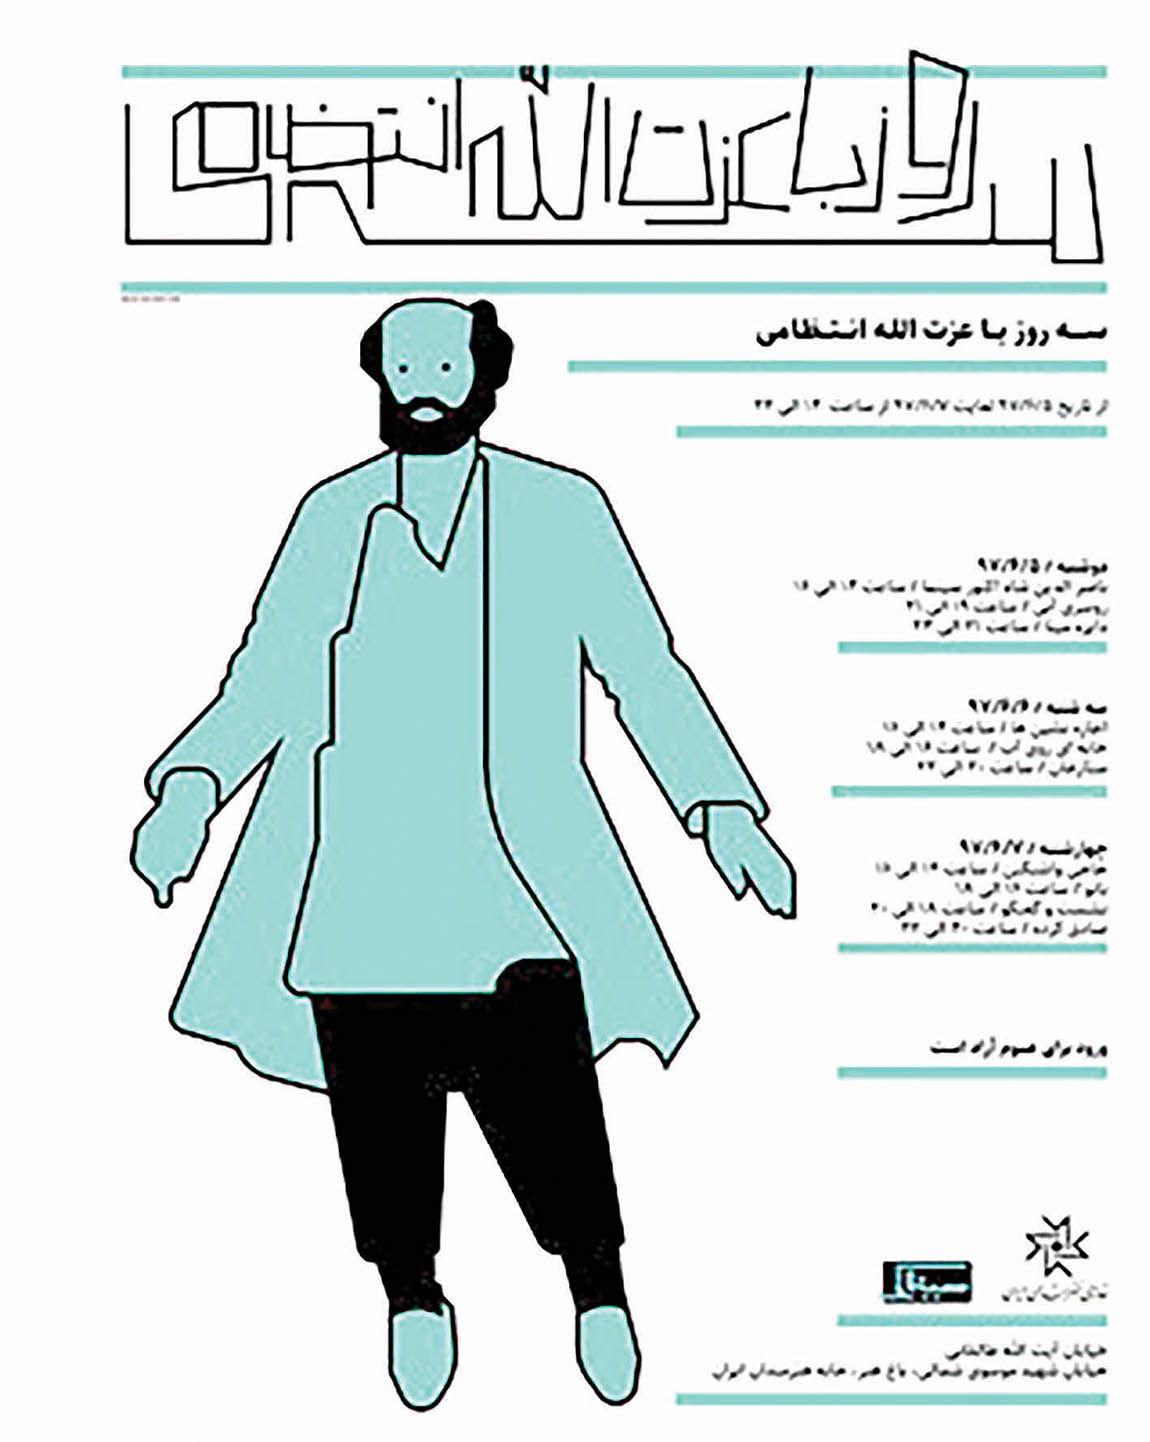 مرور آثار عزتالله انتظامی در خانه هنرمندان